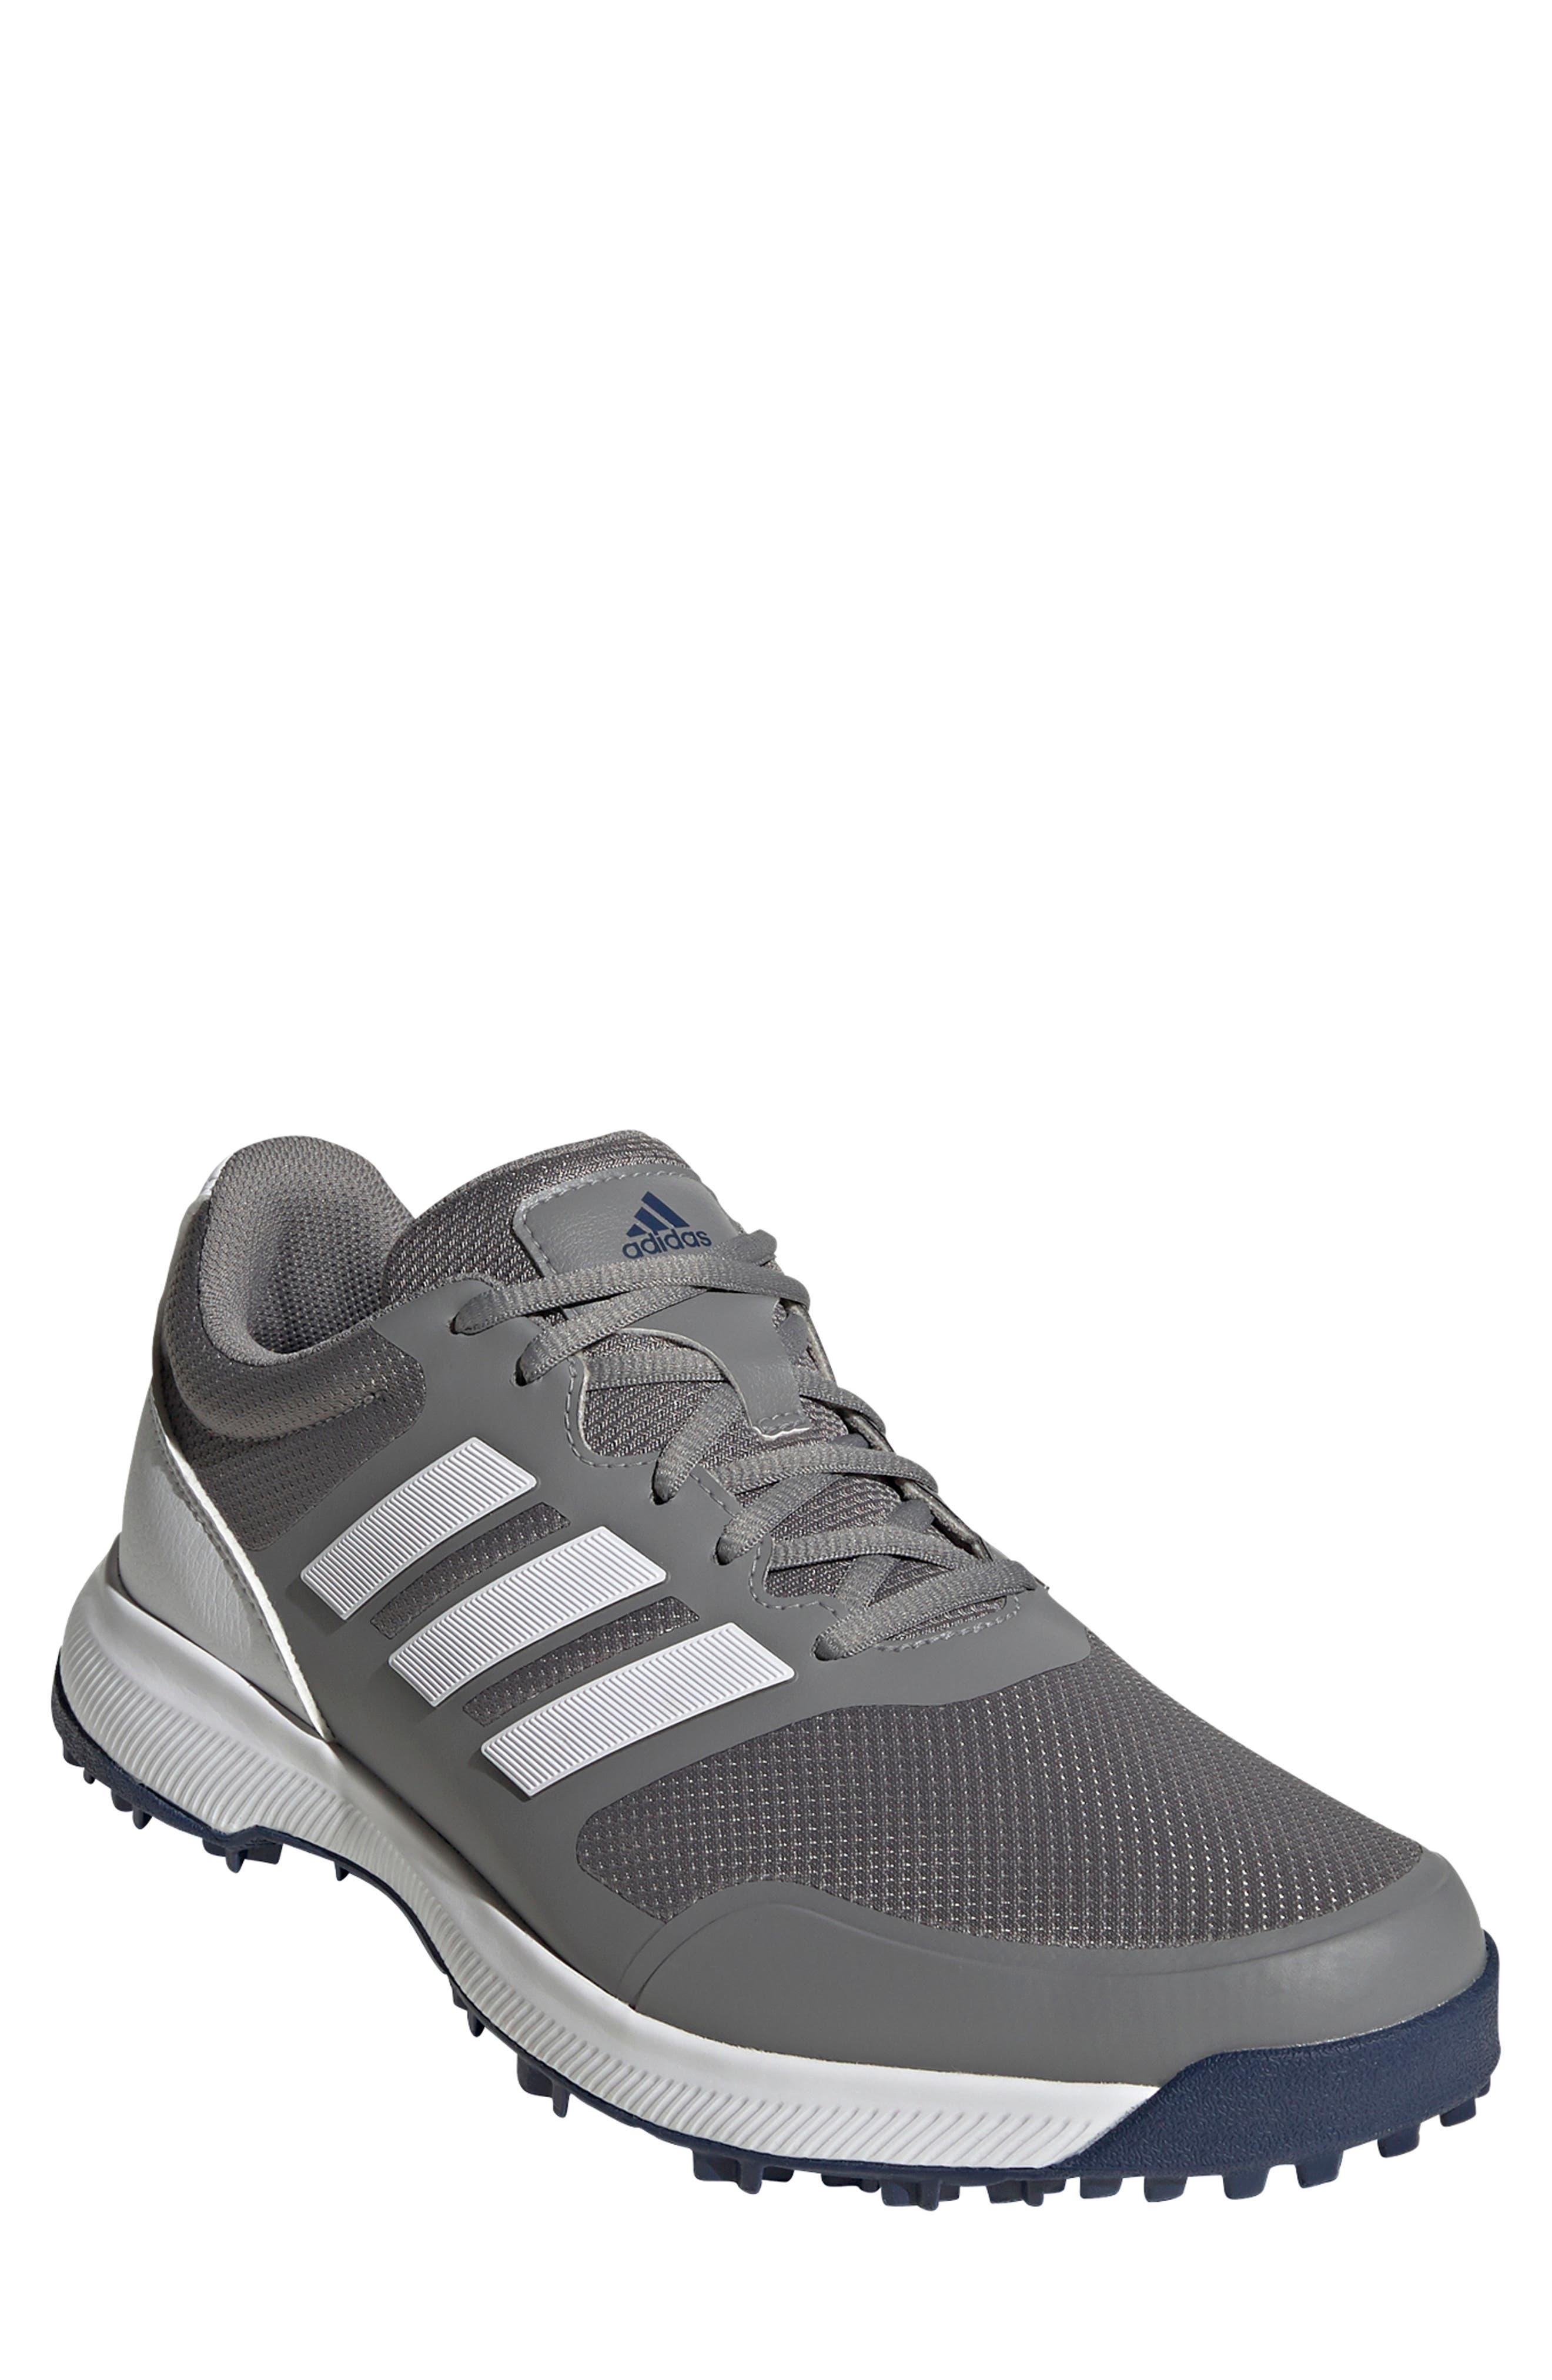 Tech Response Golf Shoe